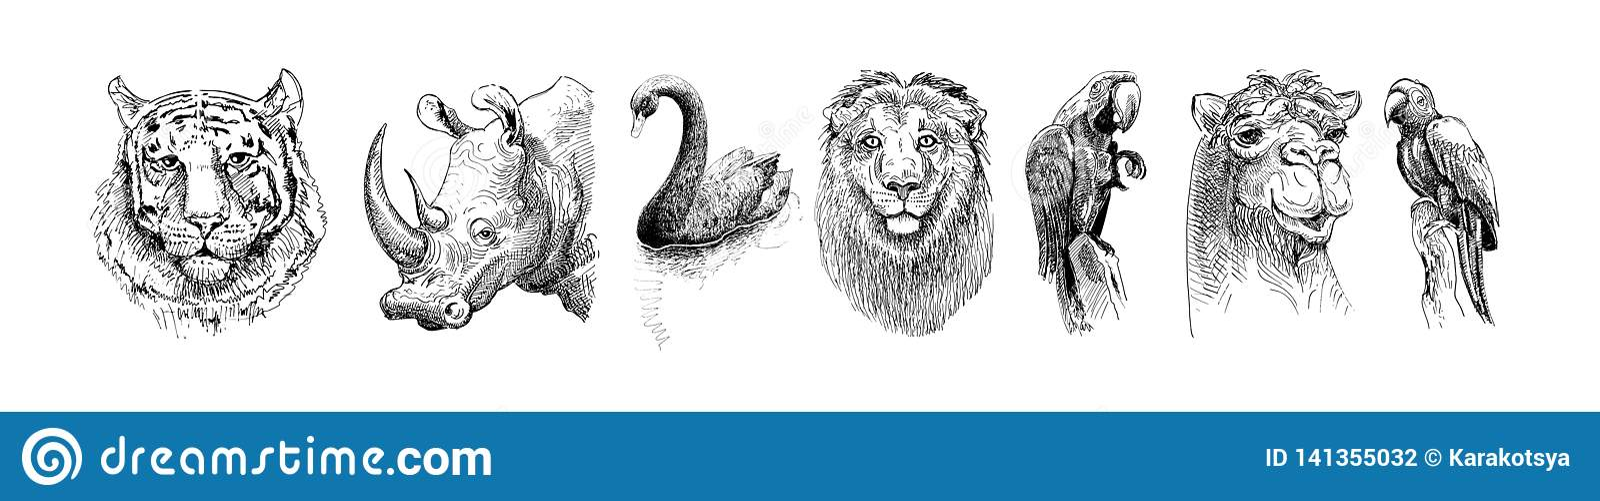 Uppsättningen av safarihuvuddjur som är svartvit skissar teckningen